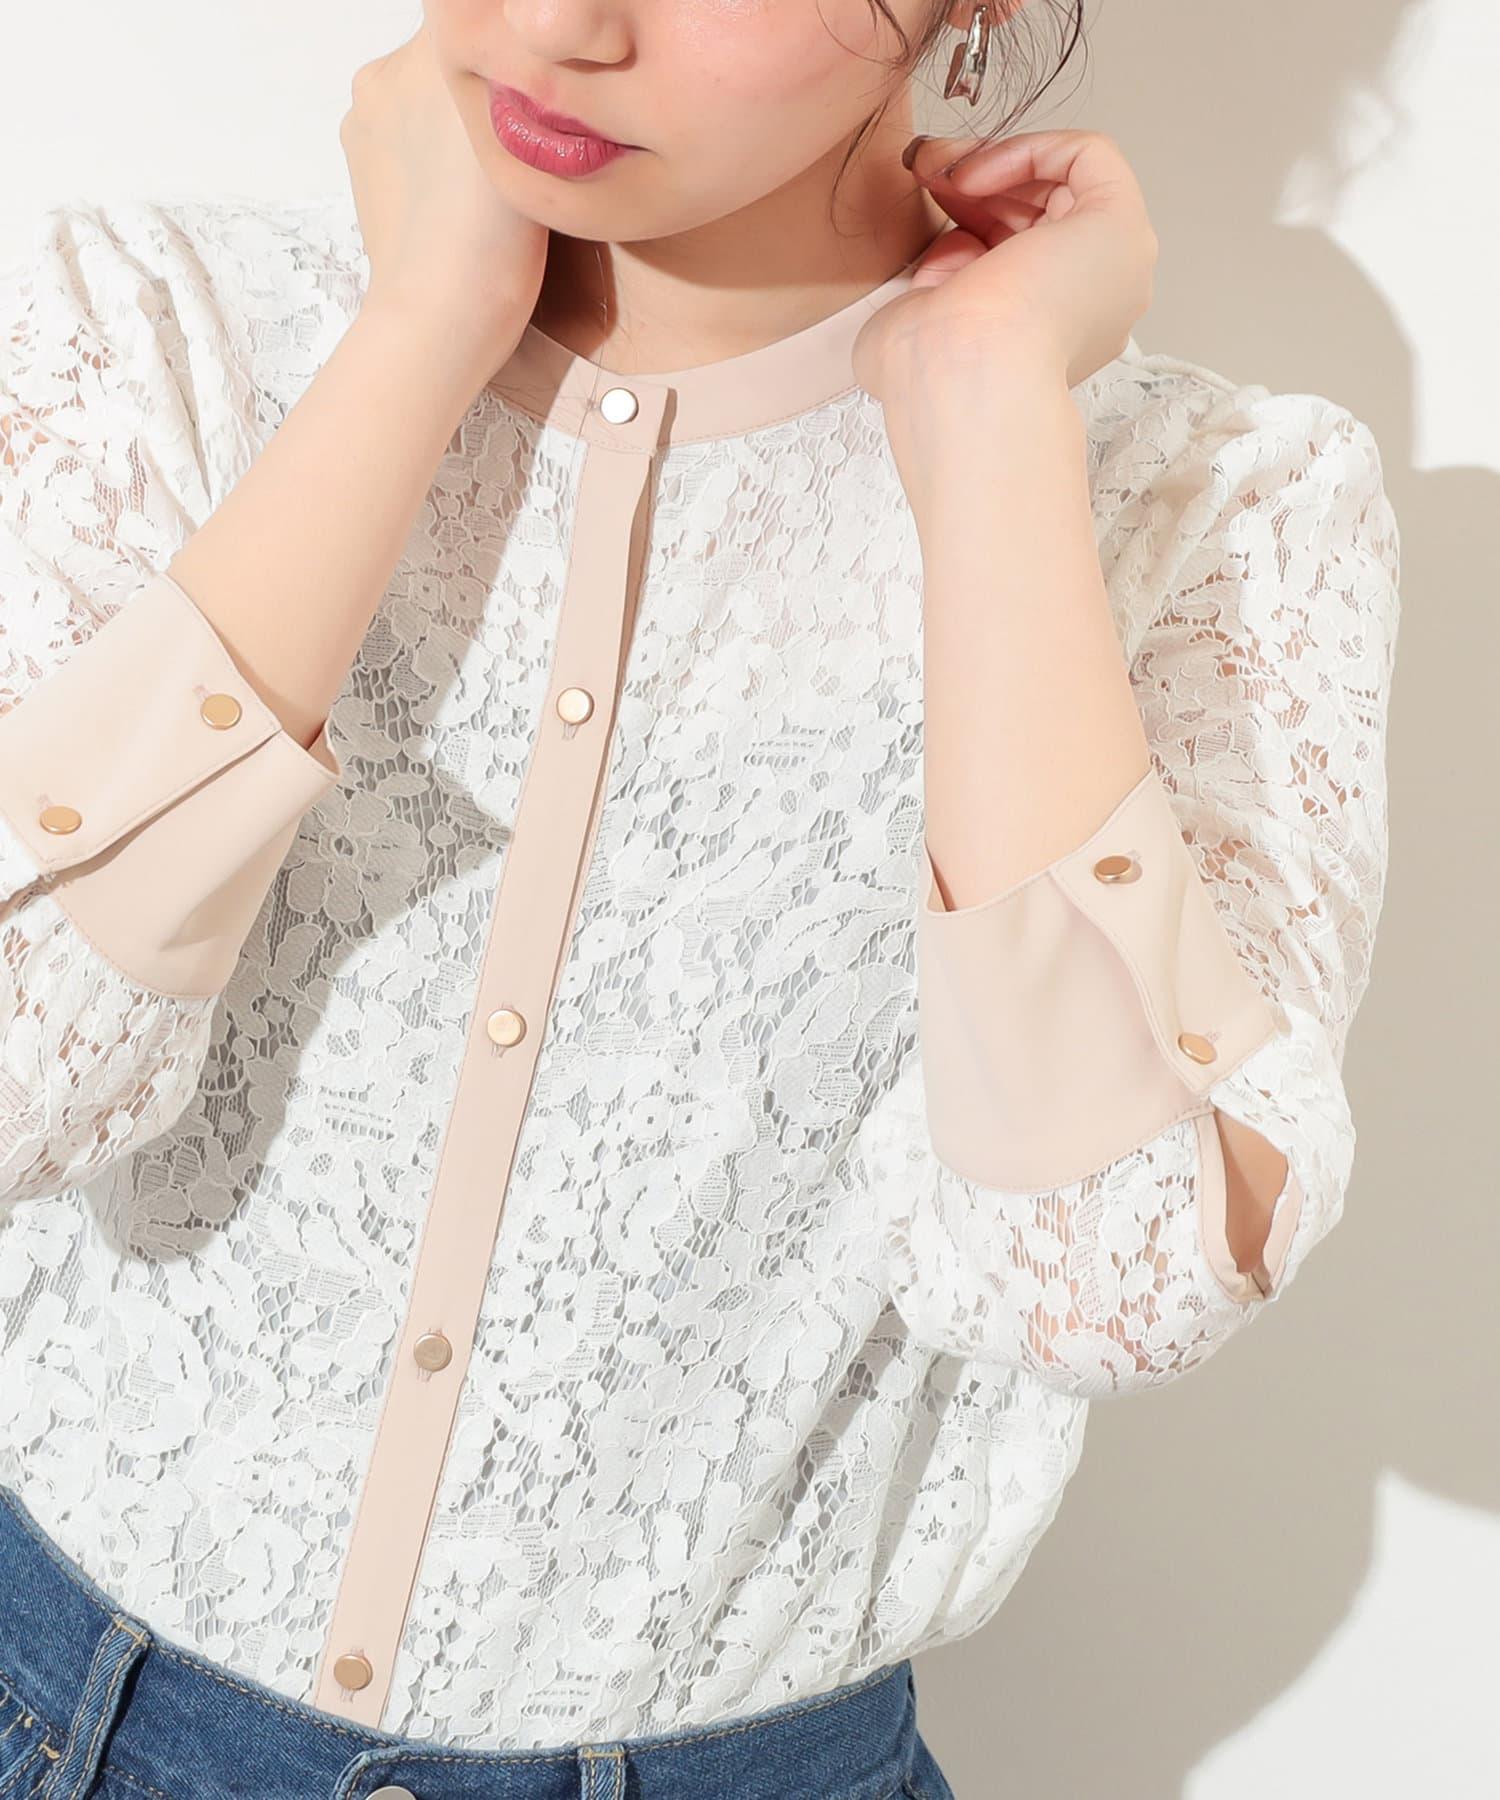 natural couture(ナチュラルクチュール) 【WEB限定カラー有り】前後2WAYバンドカラーレースブラウス